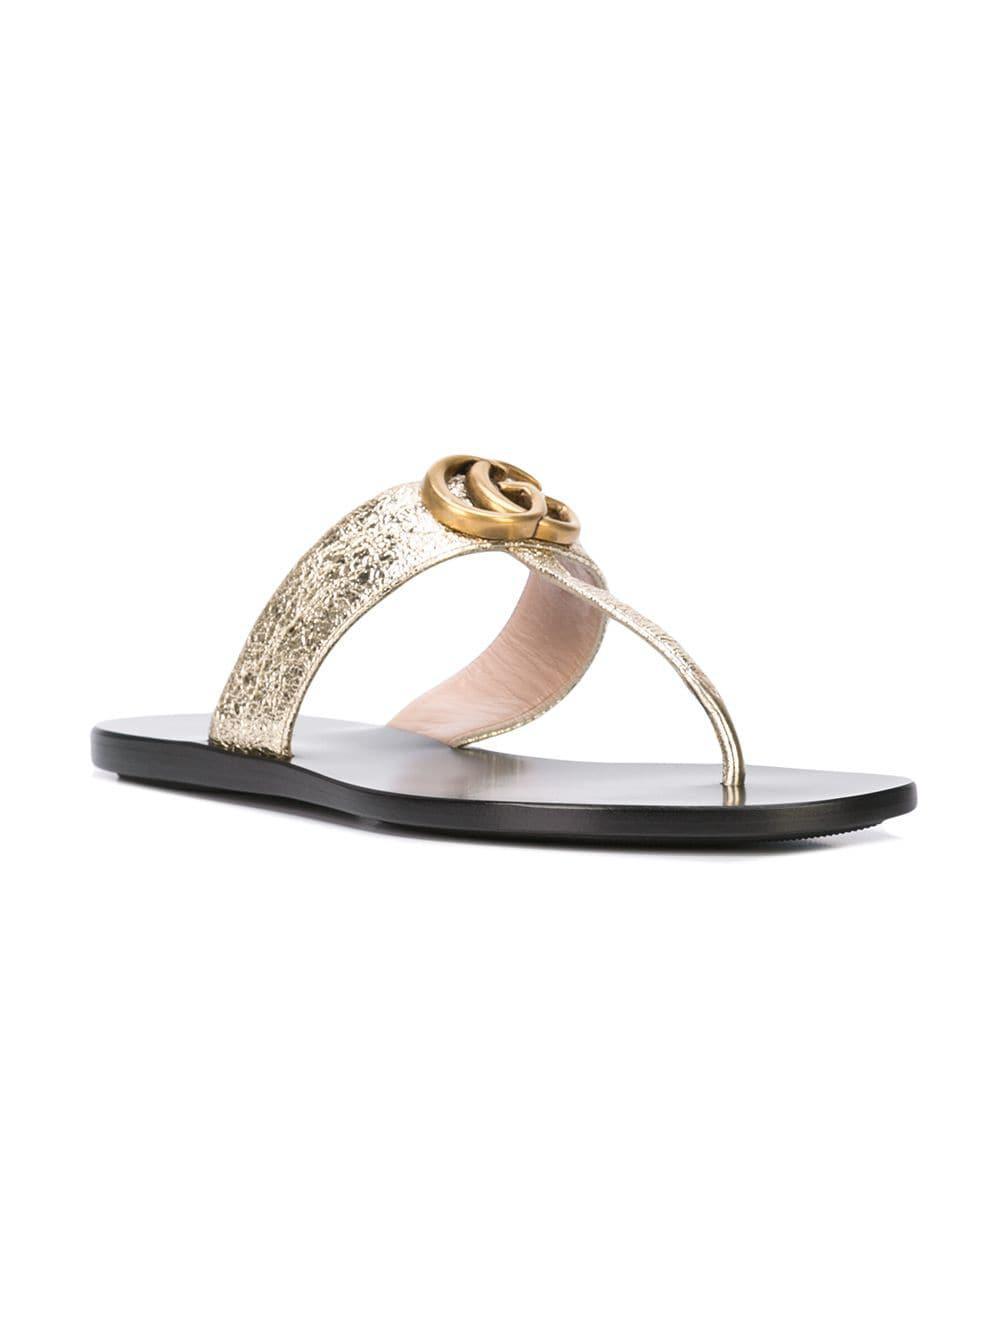 Lyst - Sandalias con doble G y tira para el dedo Gucci de color Negro 6fe12ade799